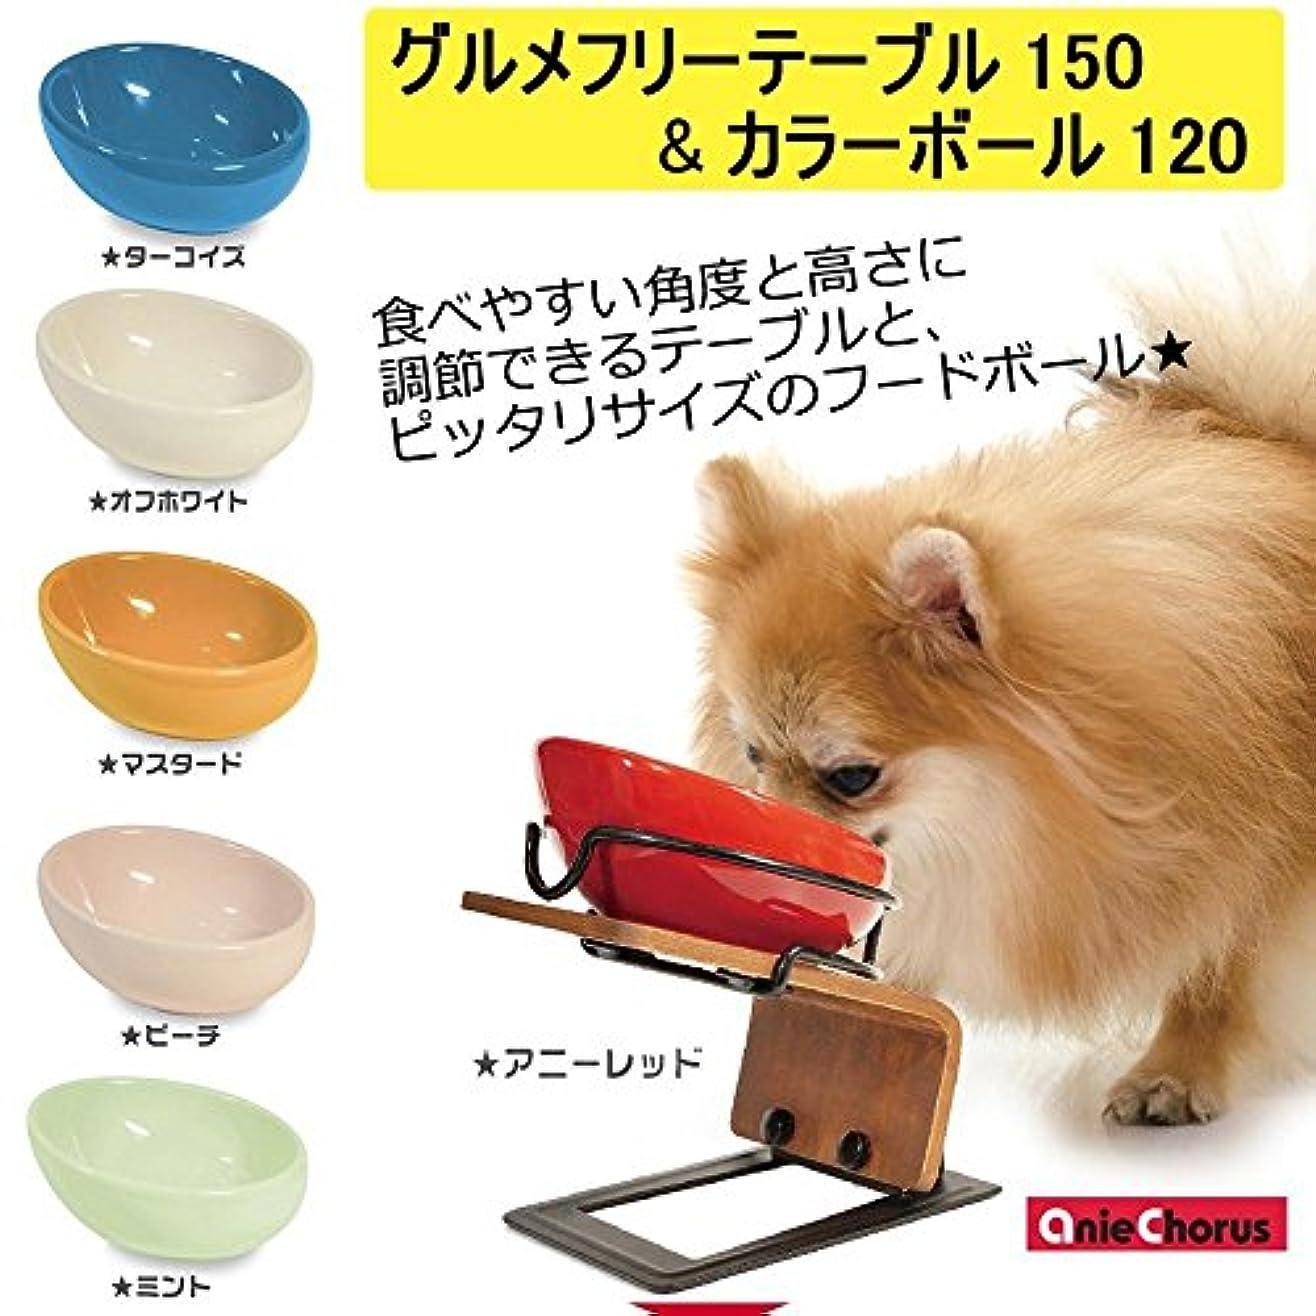 ペット用品 グルメフリーテーブル150+カラーボール120【同梱?代引不可】 ■5種類の内「ミント」を1点のみです